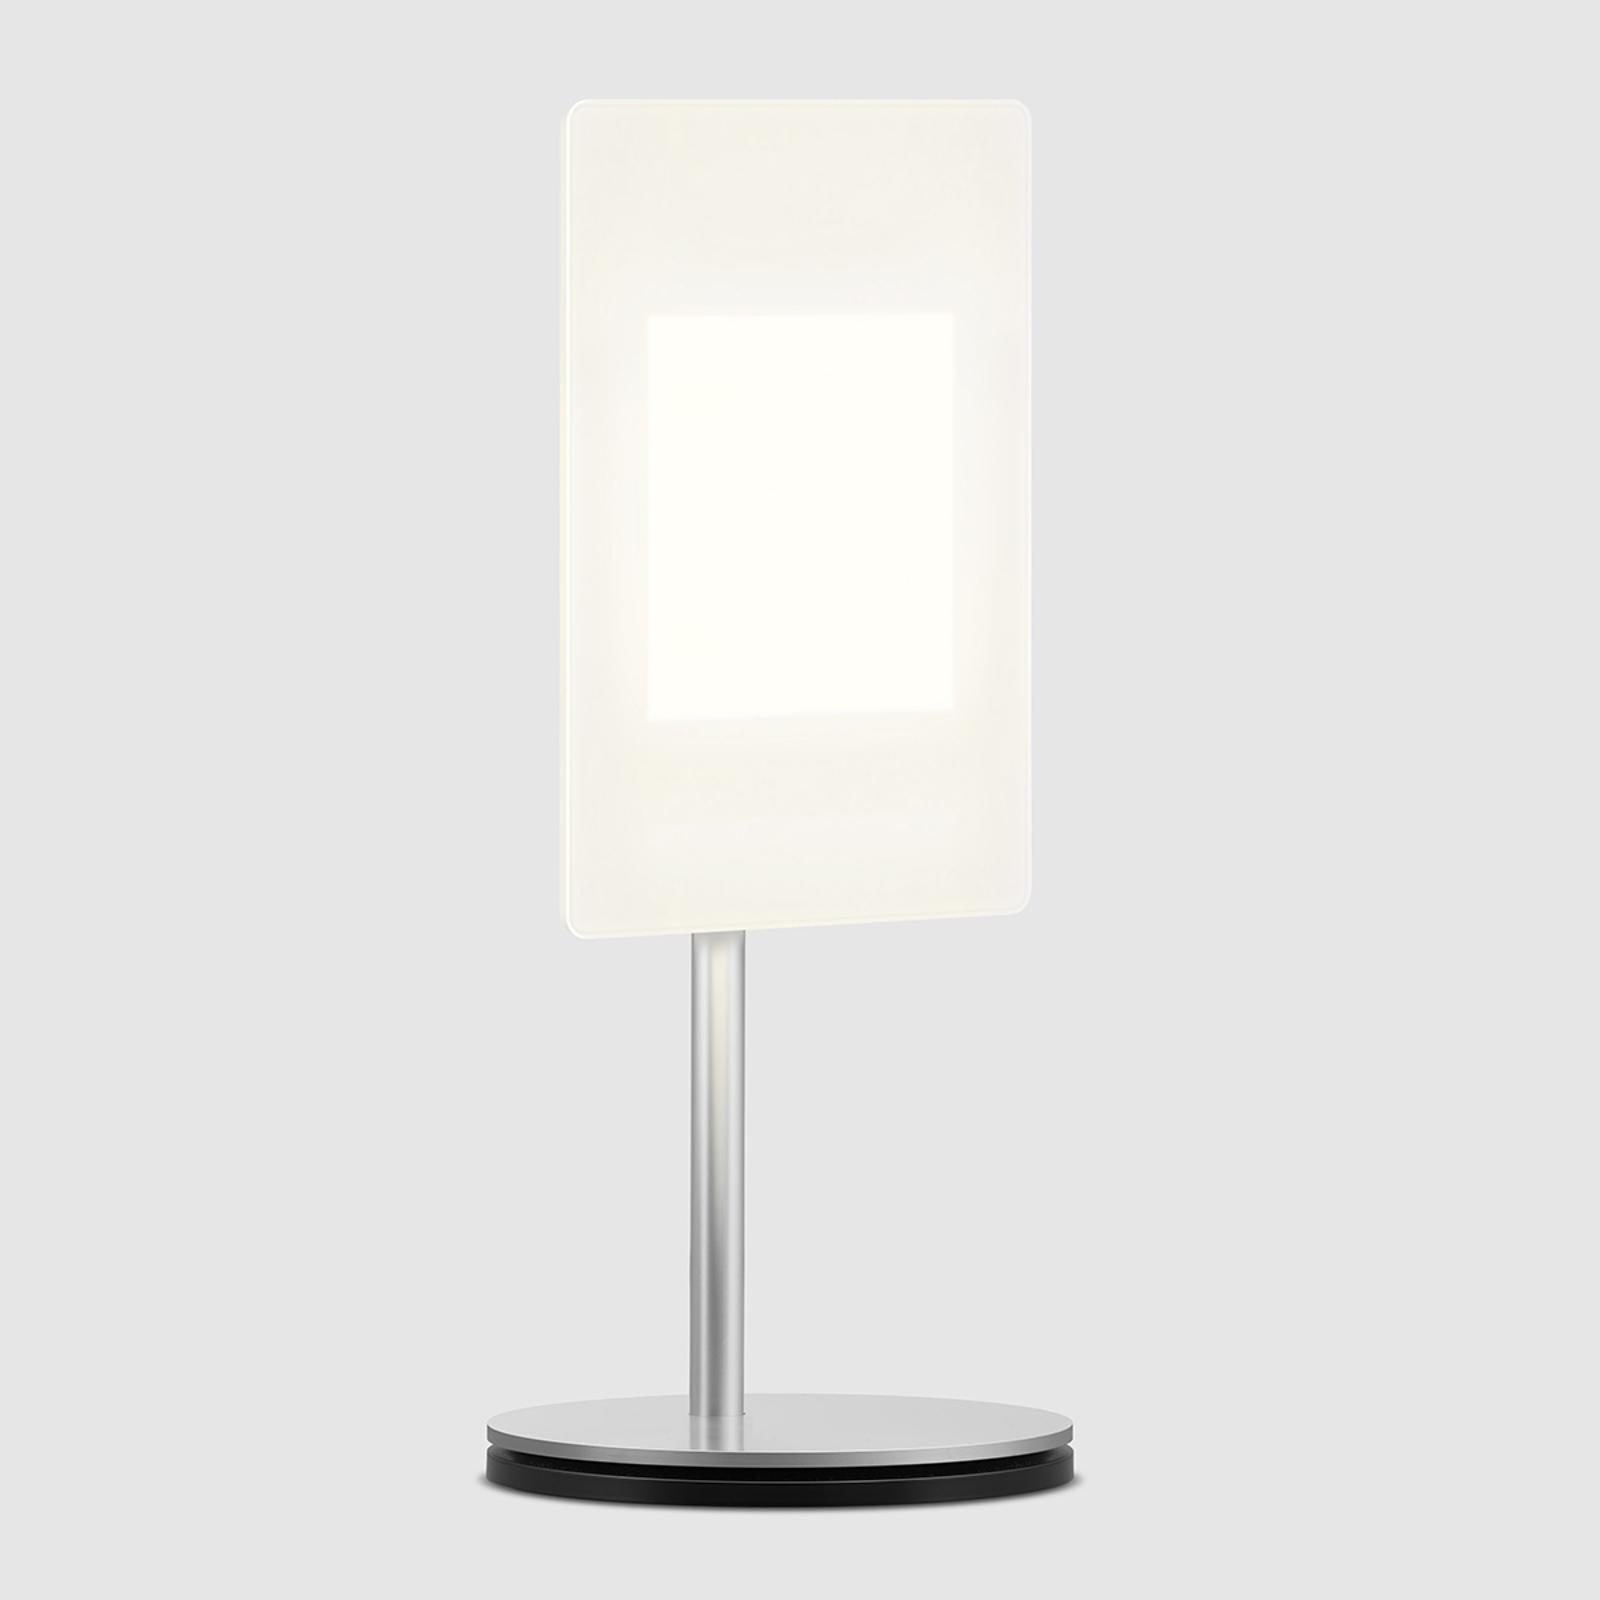 Lampada da tavolo OMLED One t1 con OLED, nera